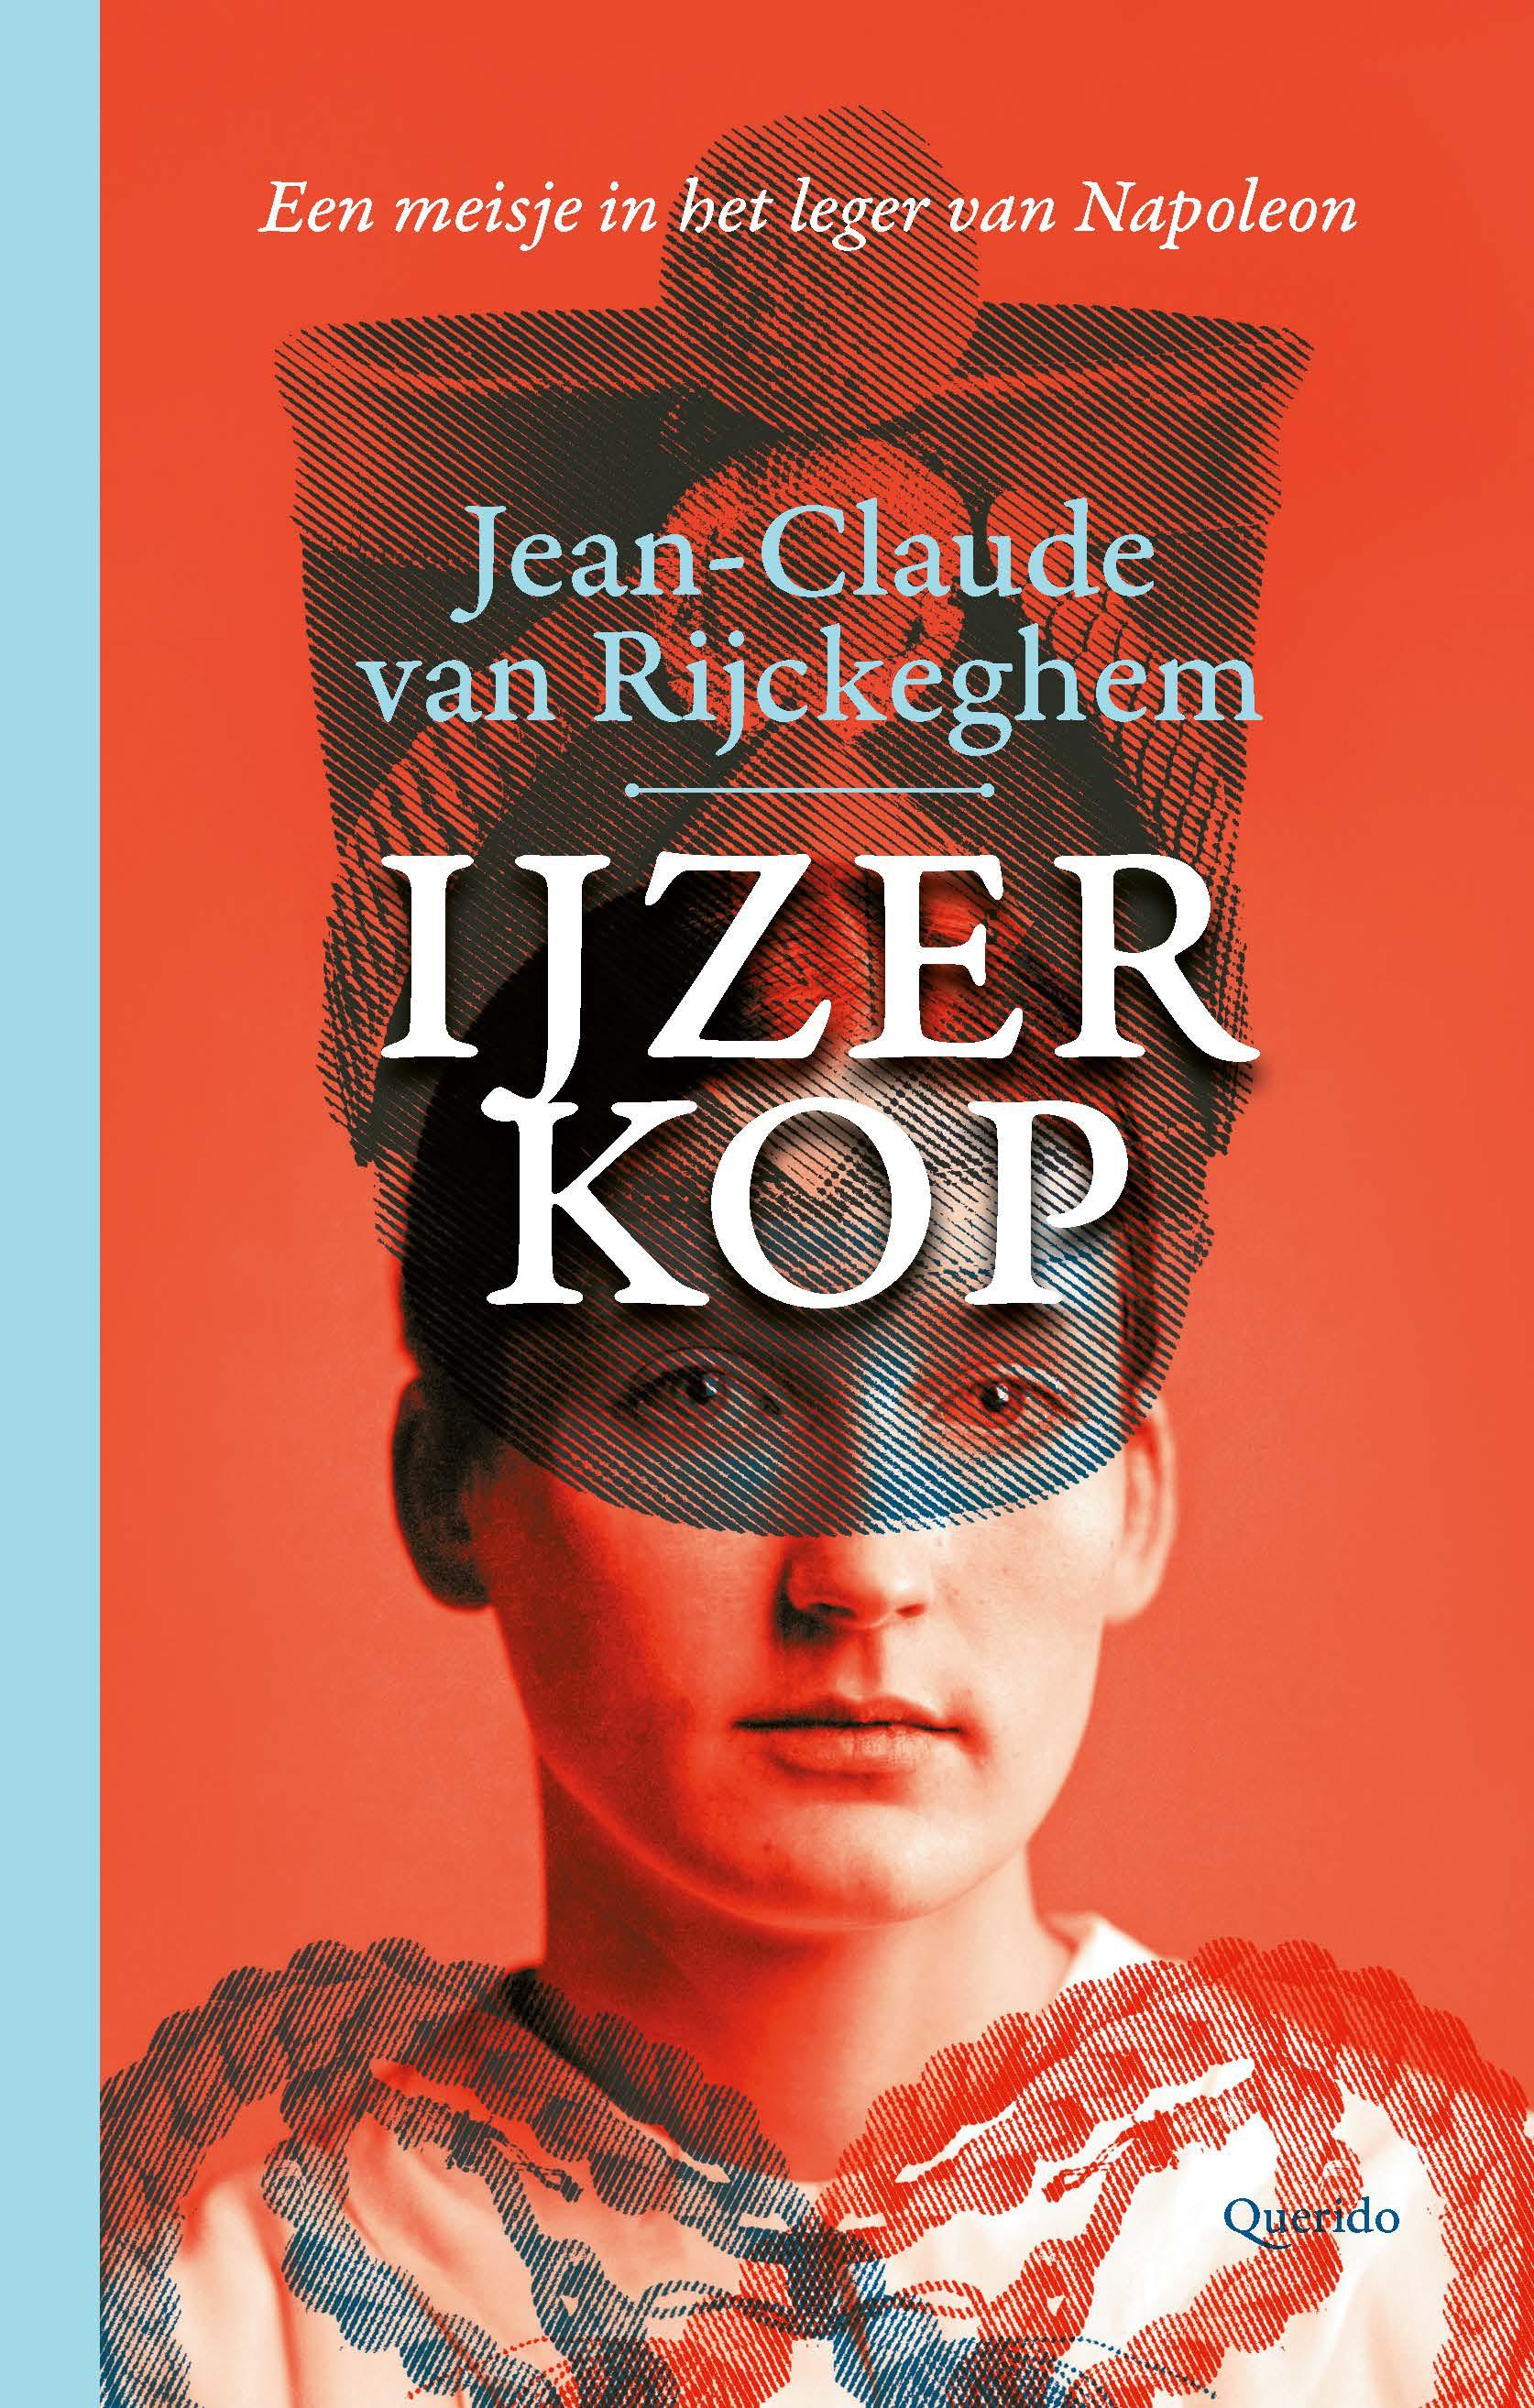 Het boek 'IJzerkop' van Jean-Claude van Rijckeghem is één van de elf Leestips van de Jonge Jury 2020